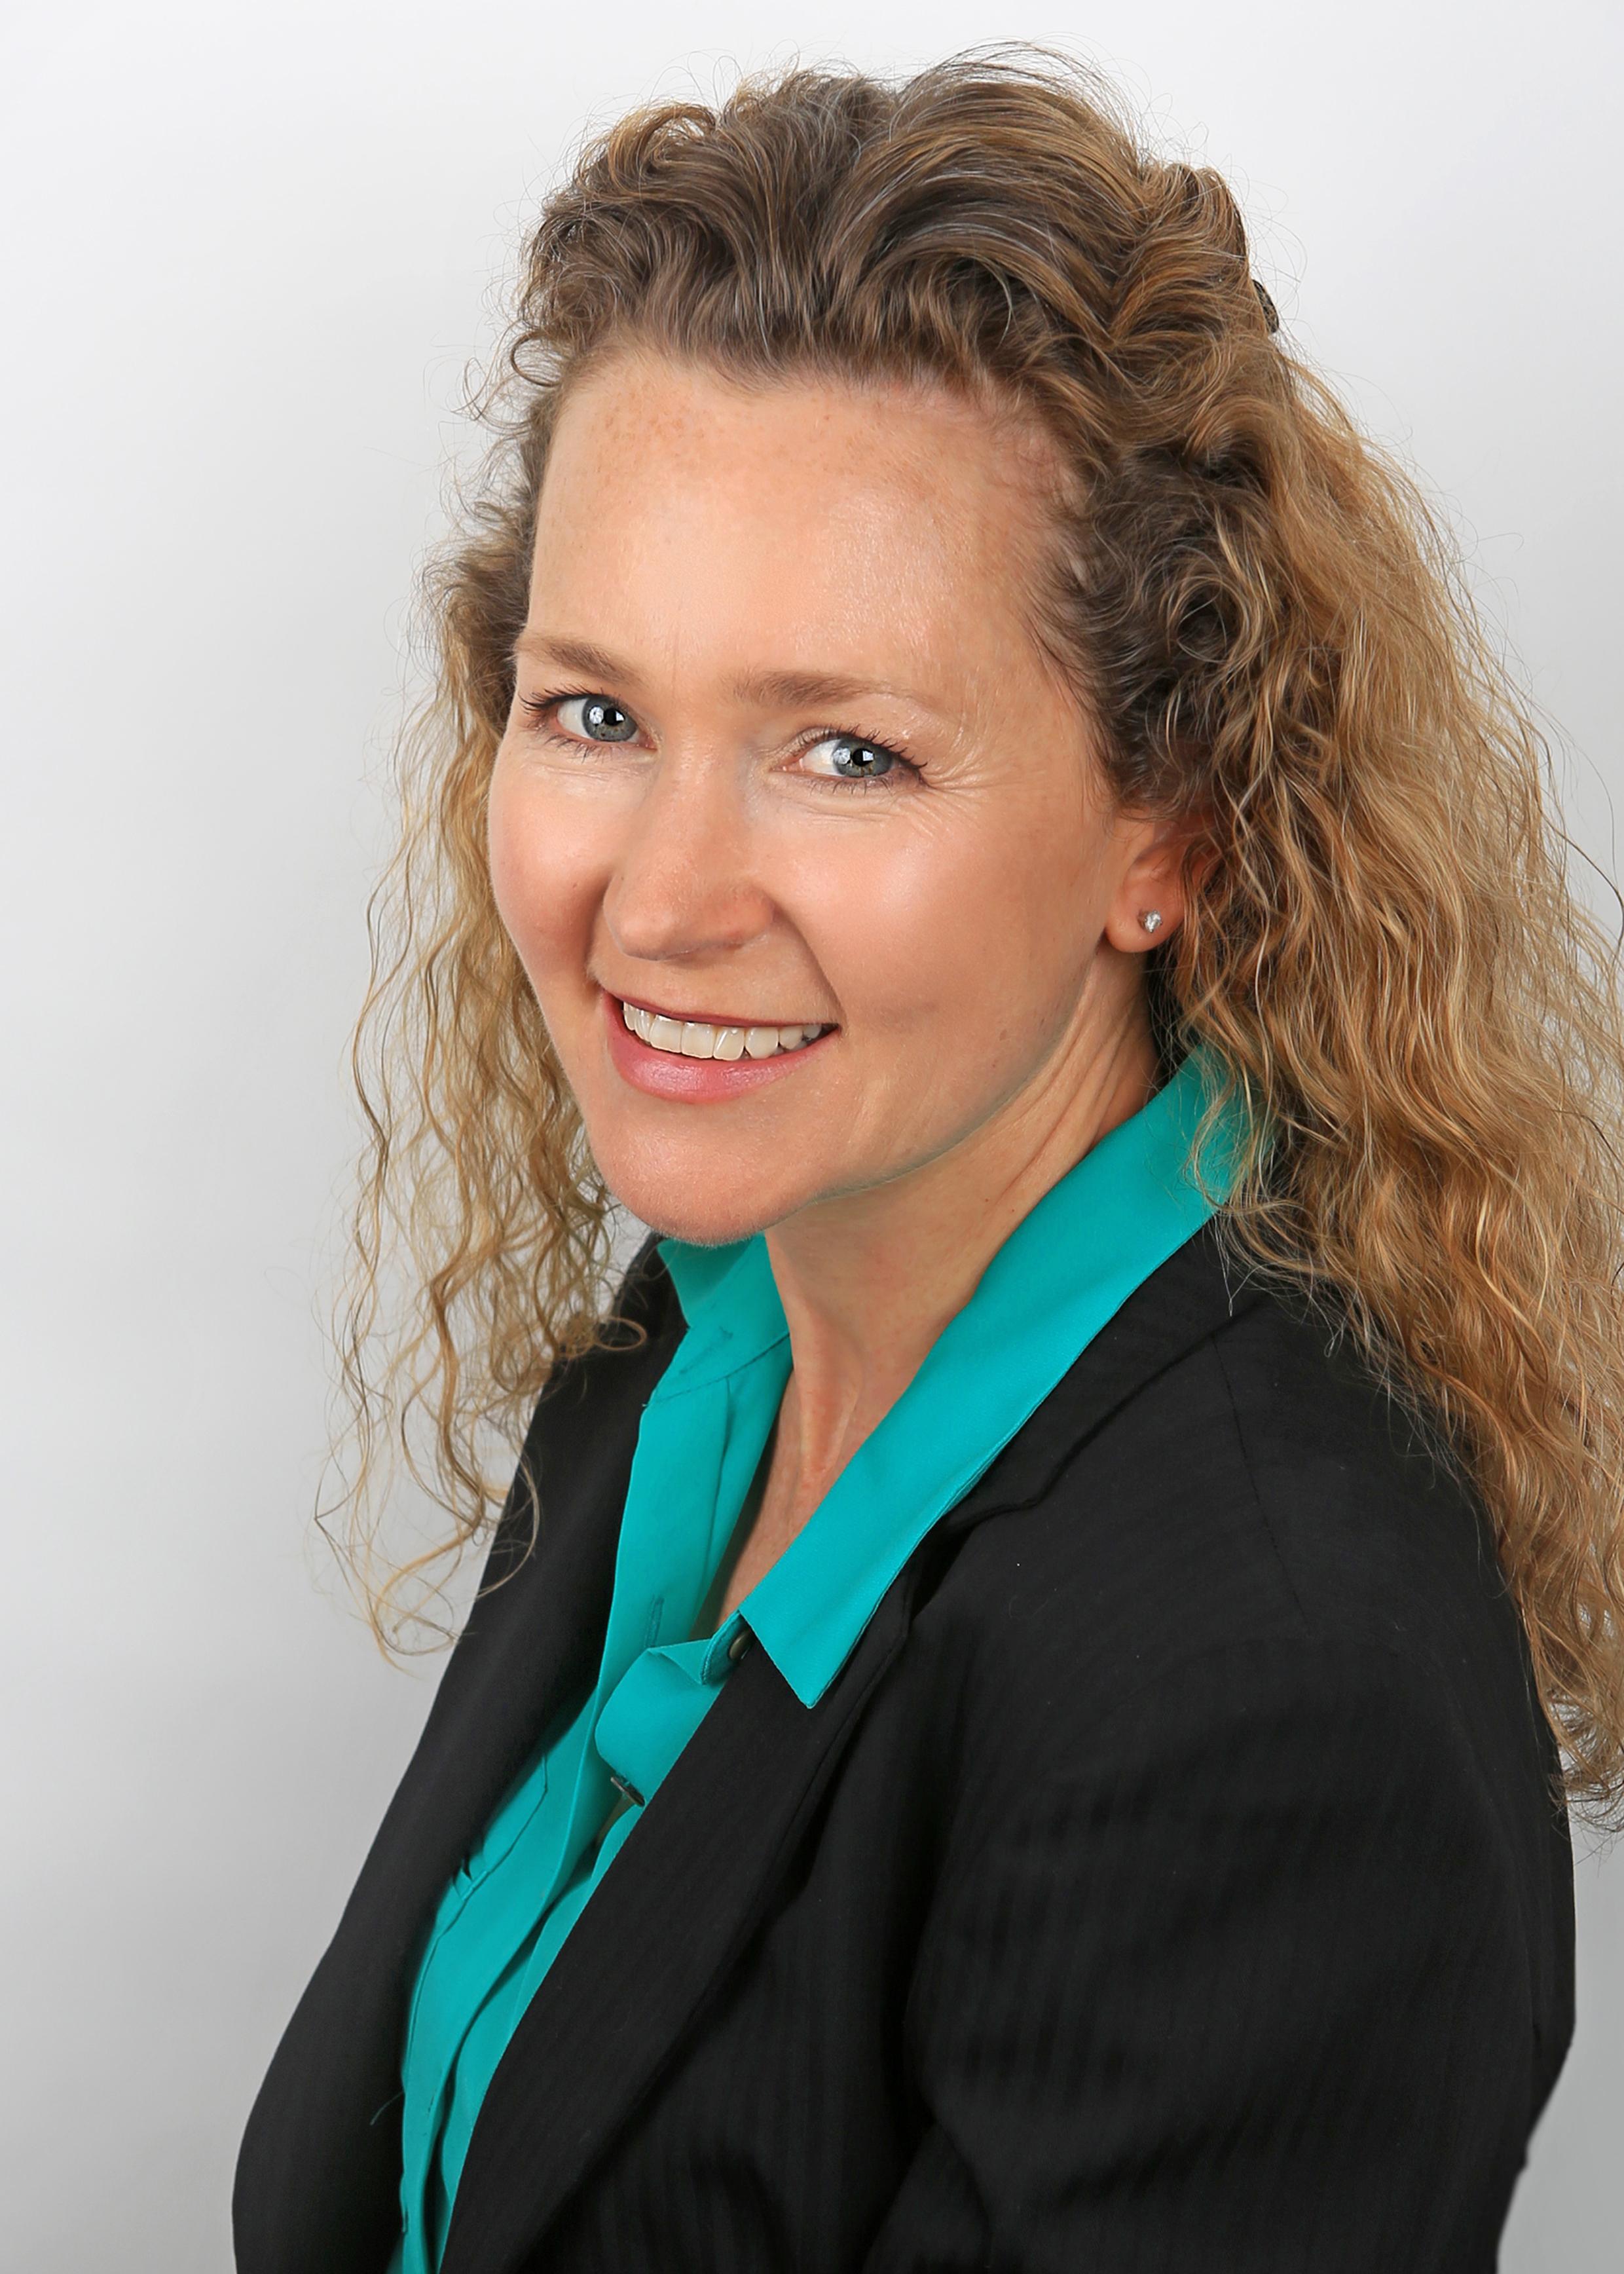 Nikki Prentice Jones